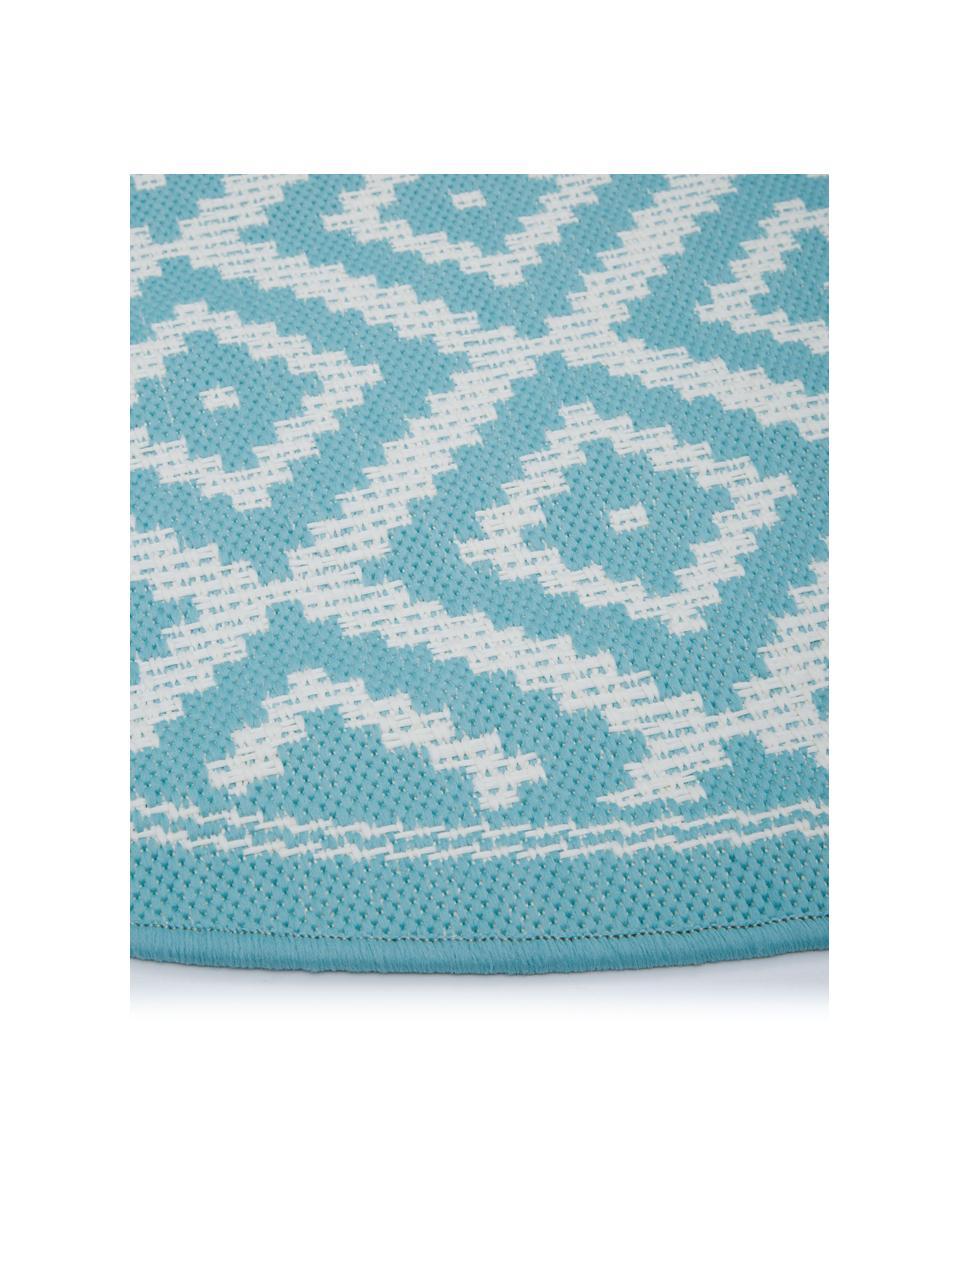 Okrągły dywan wewnętrzny/zewnętrzny Miami, 86% polipropylen, 14% poliester, Biały, turkusowy, Ø 200 cm (Rozmiar L)